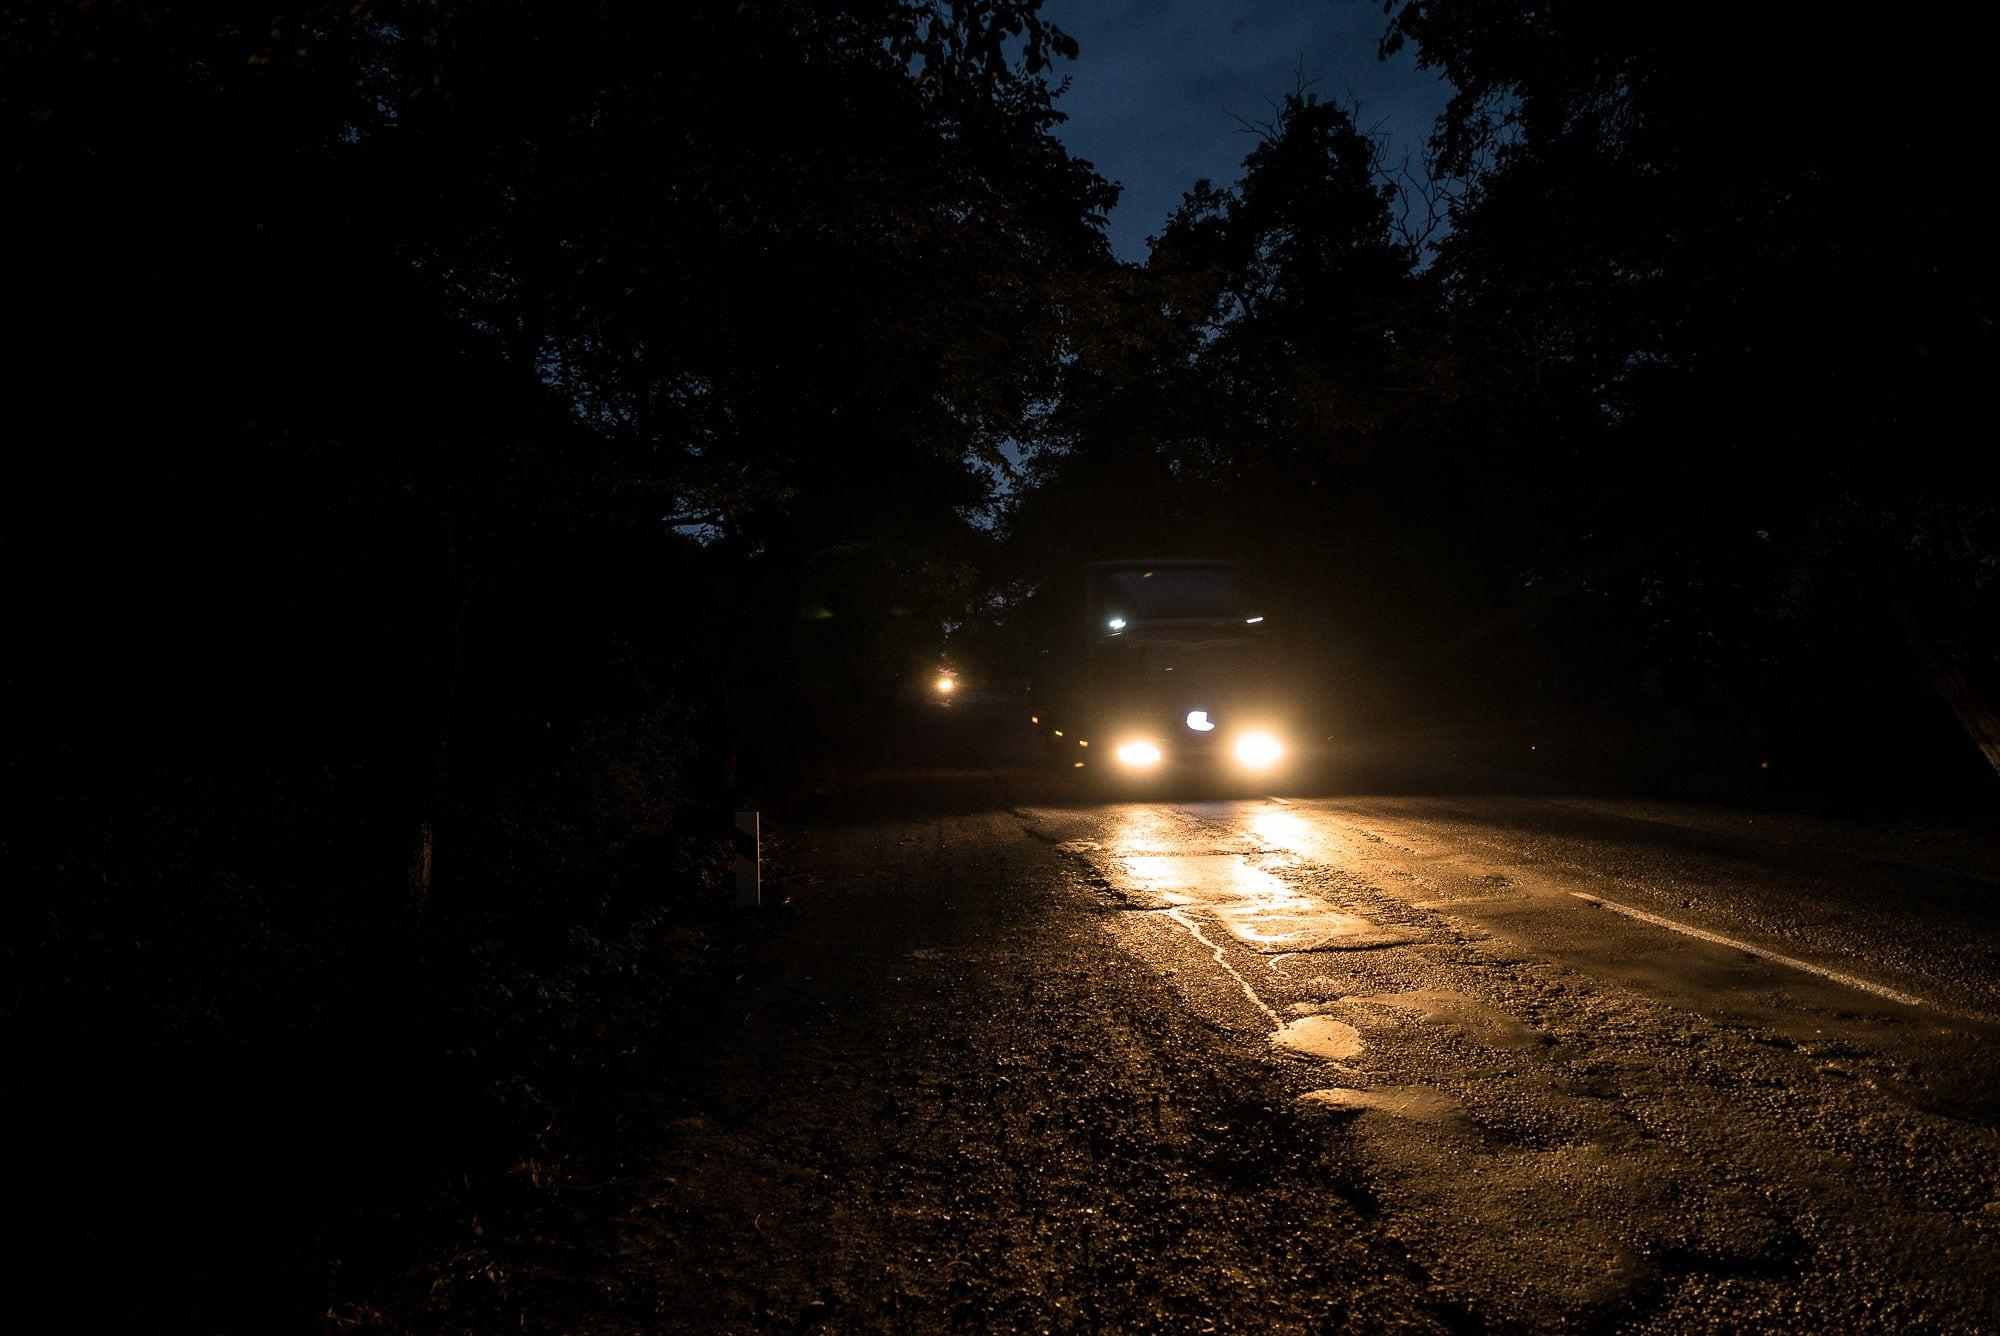 nightly walking